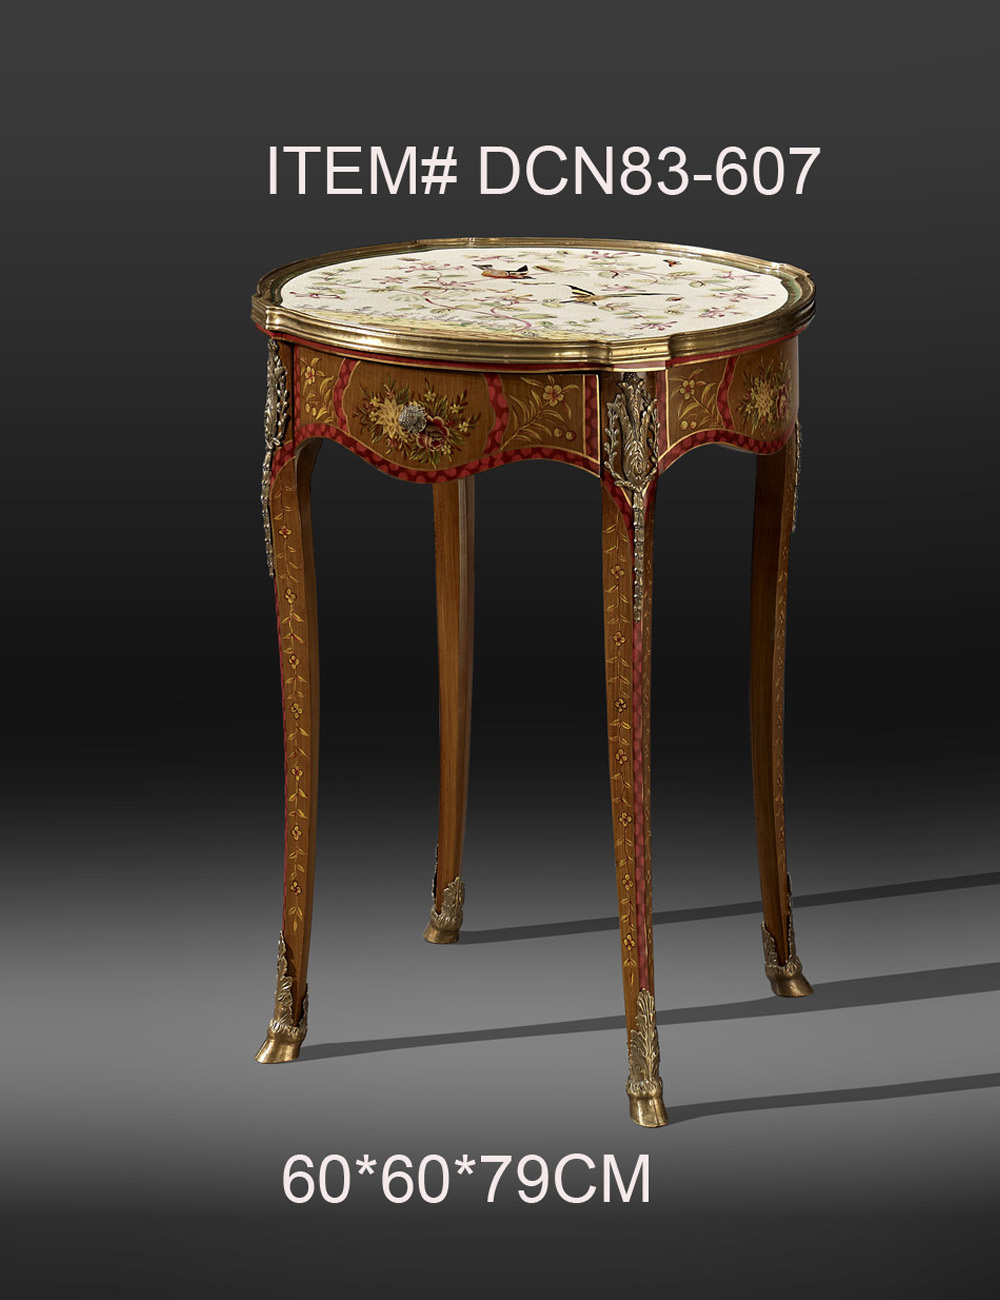 European style antique porcelain mosaic brass decorative